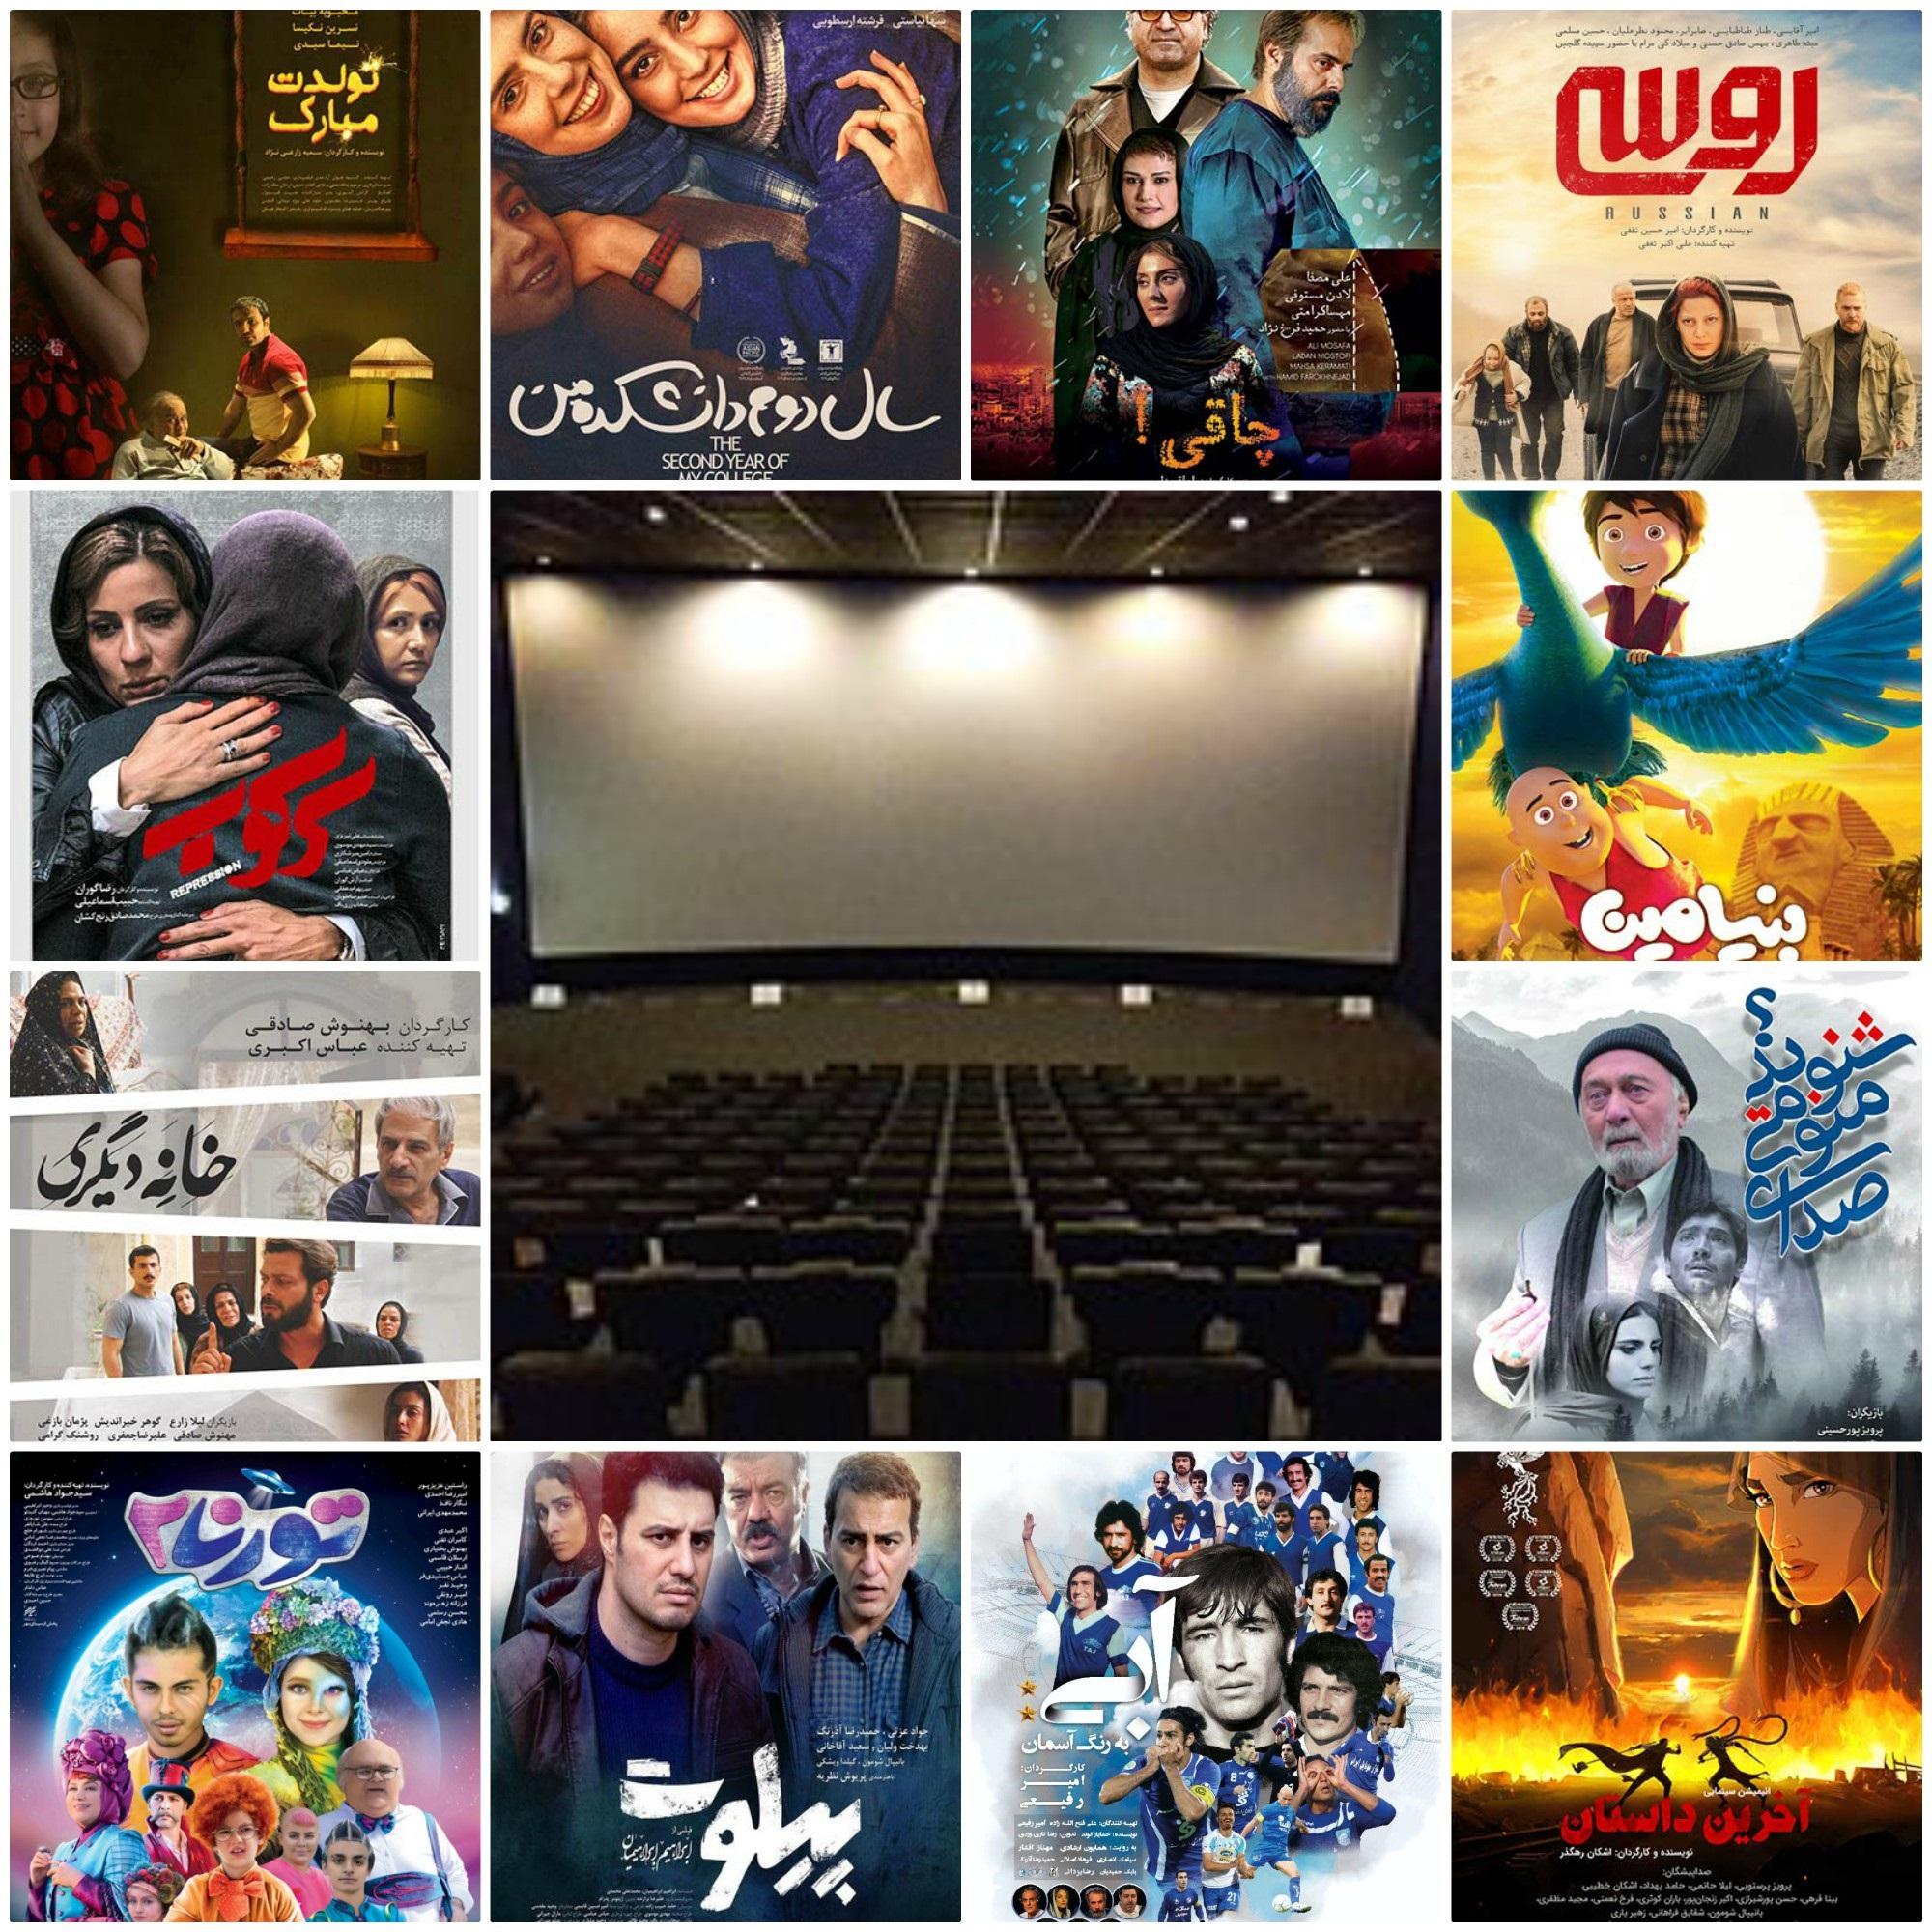 ناکامهای اکران ۹۸؛ ۲۴ فیلم زیر یک میلیارد فروختند!